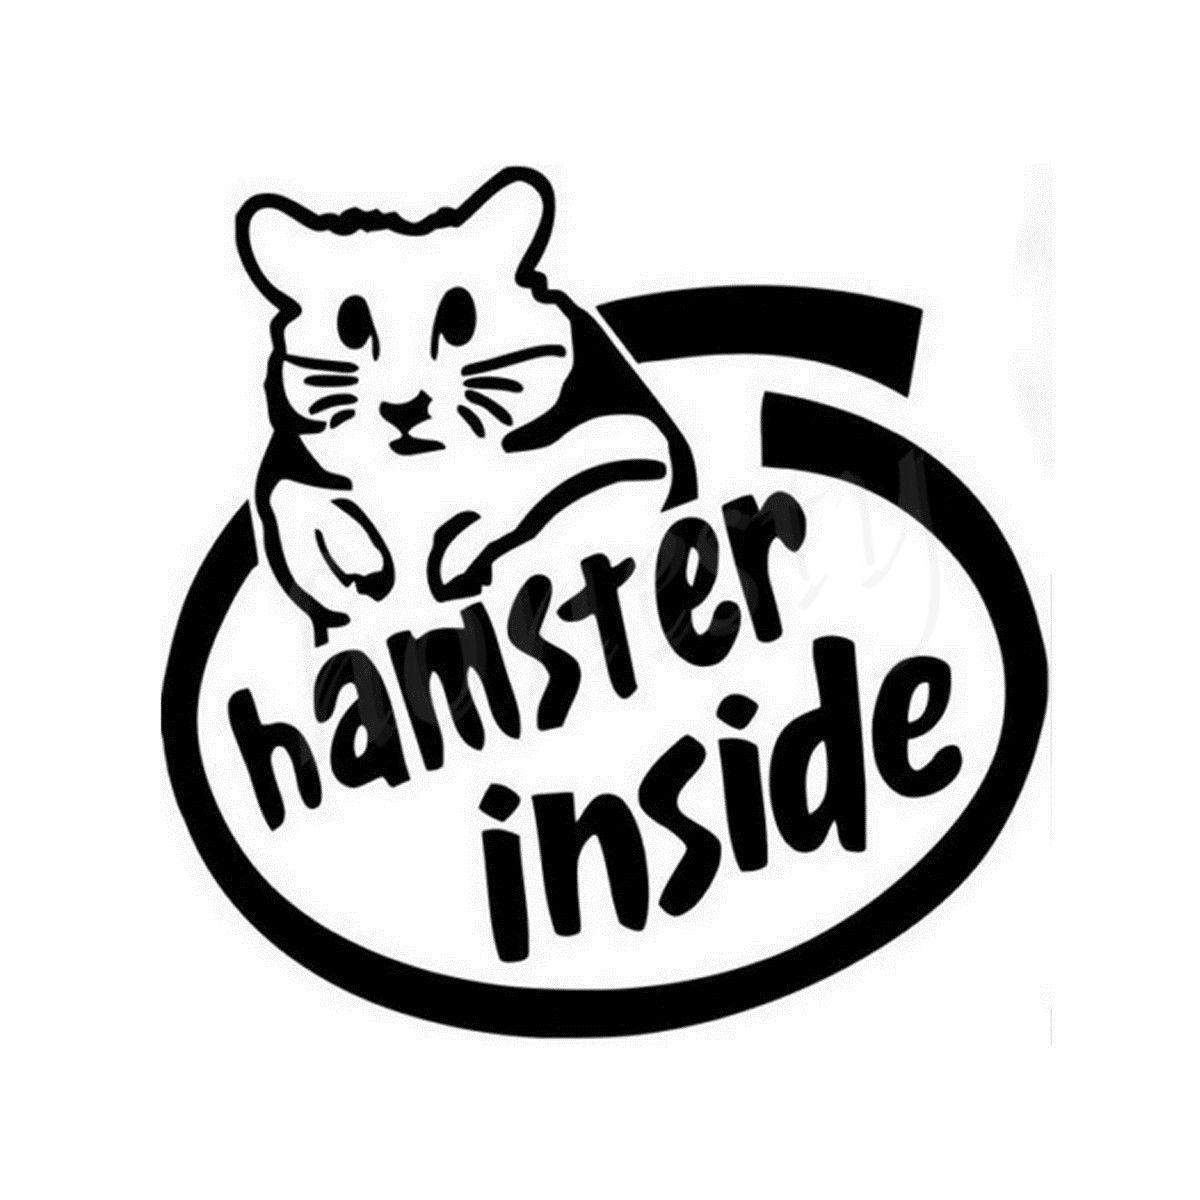 Car glass sticker design - Hamster Inside Wall Home Glass Window Door Car Sticker Laptop Auto Truck Vinyl Black Decal Sticker